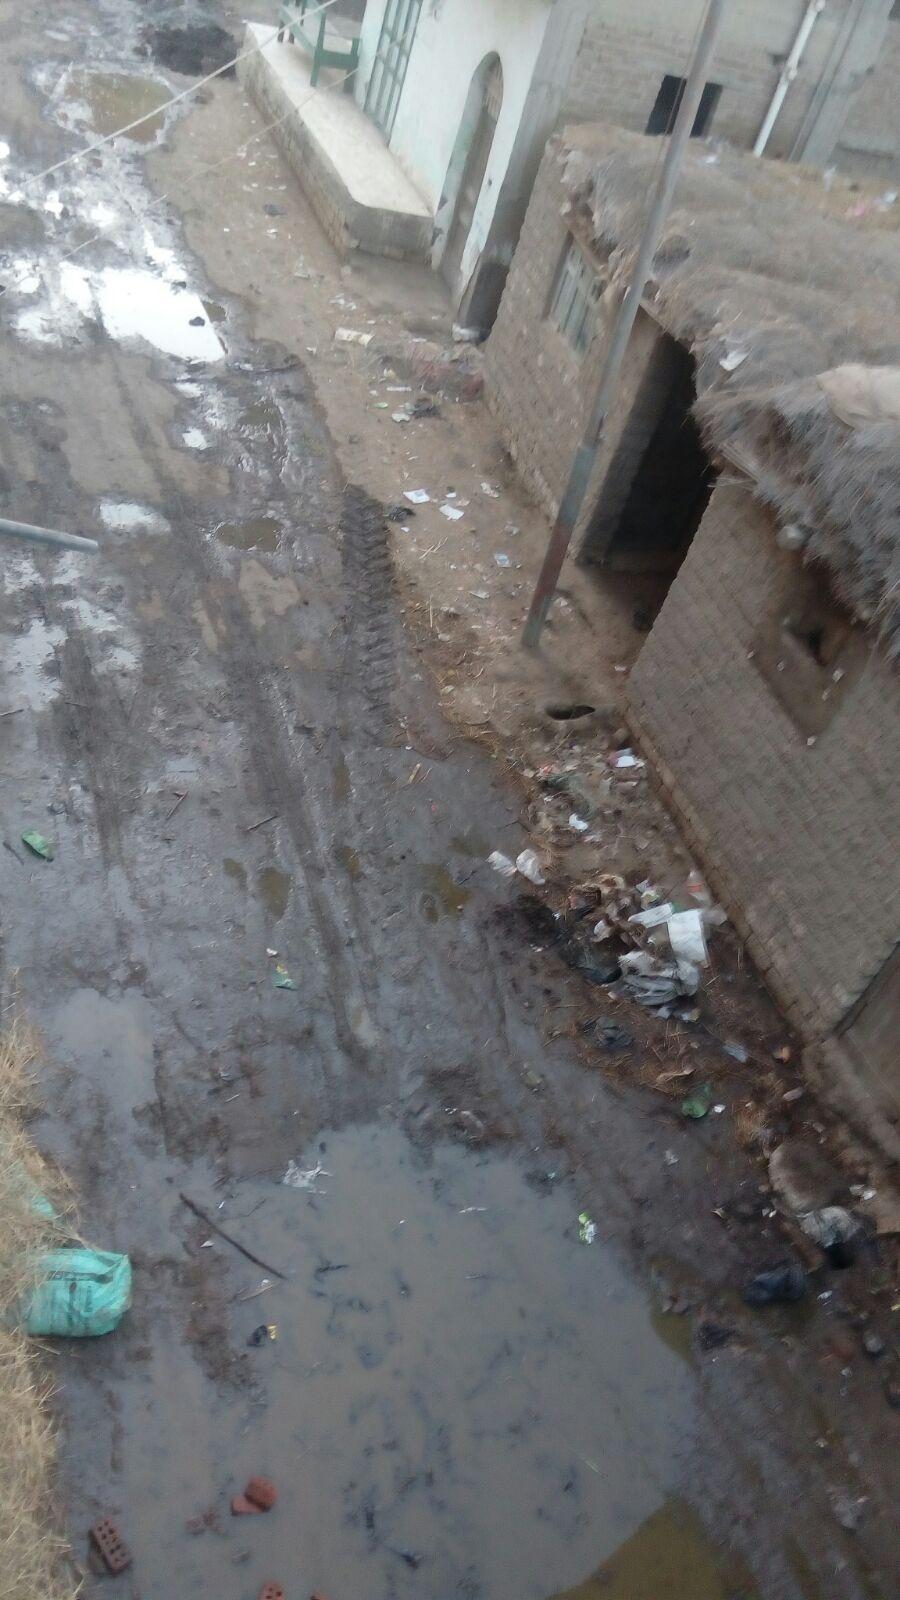 10 آلاف مواطن في «السحايت» بكفر الشيخ دون شبكة صرف صحي